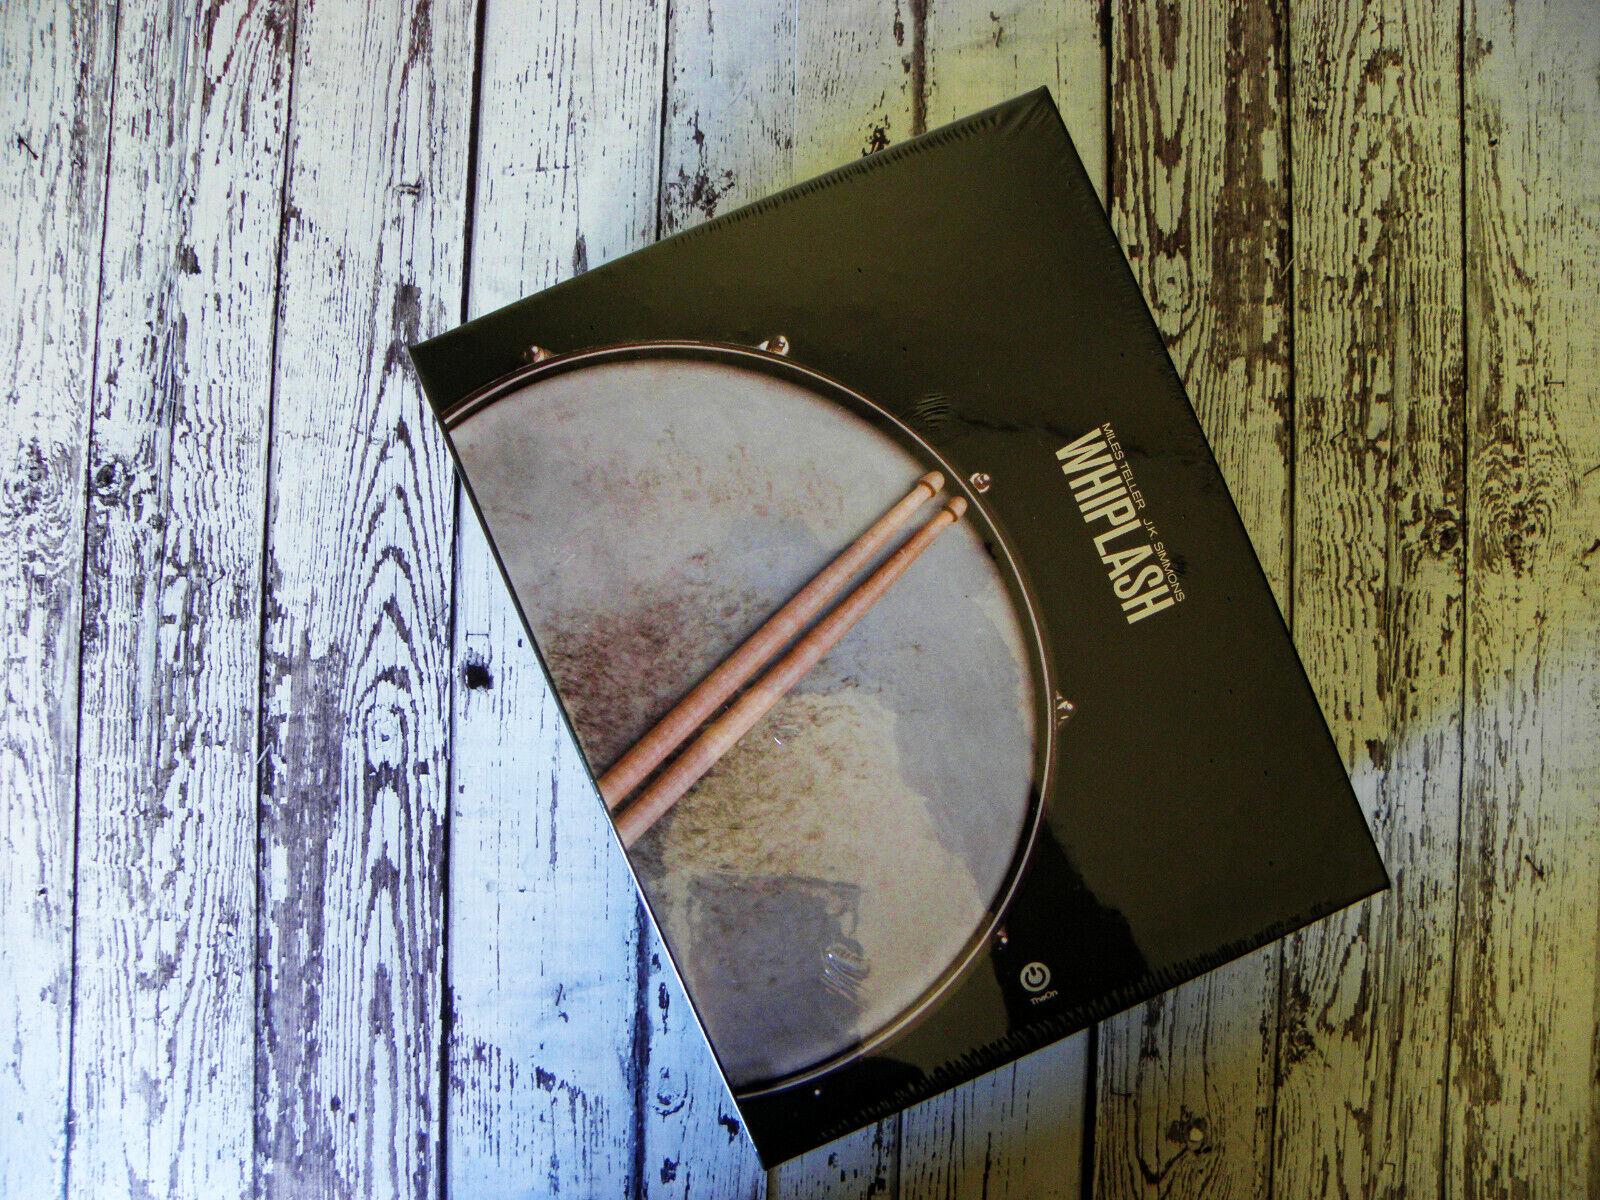 Mit langer TERC-Garantie WHIPLASH Kimchi DVD Limited One Click Box ...